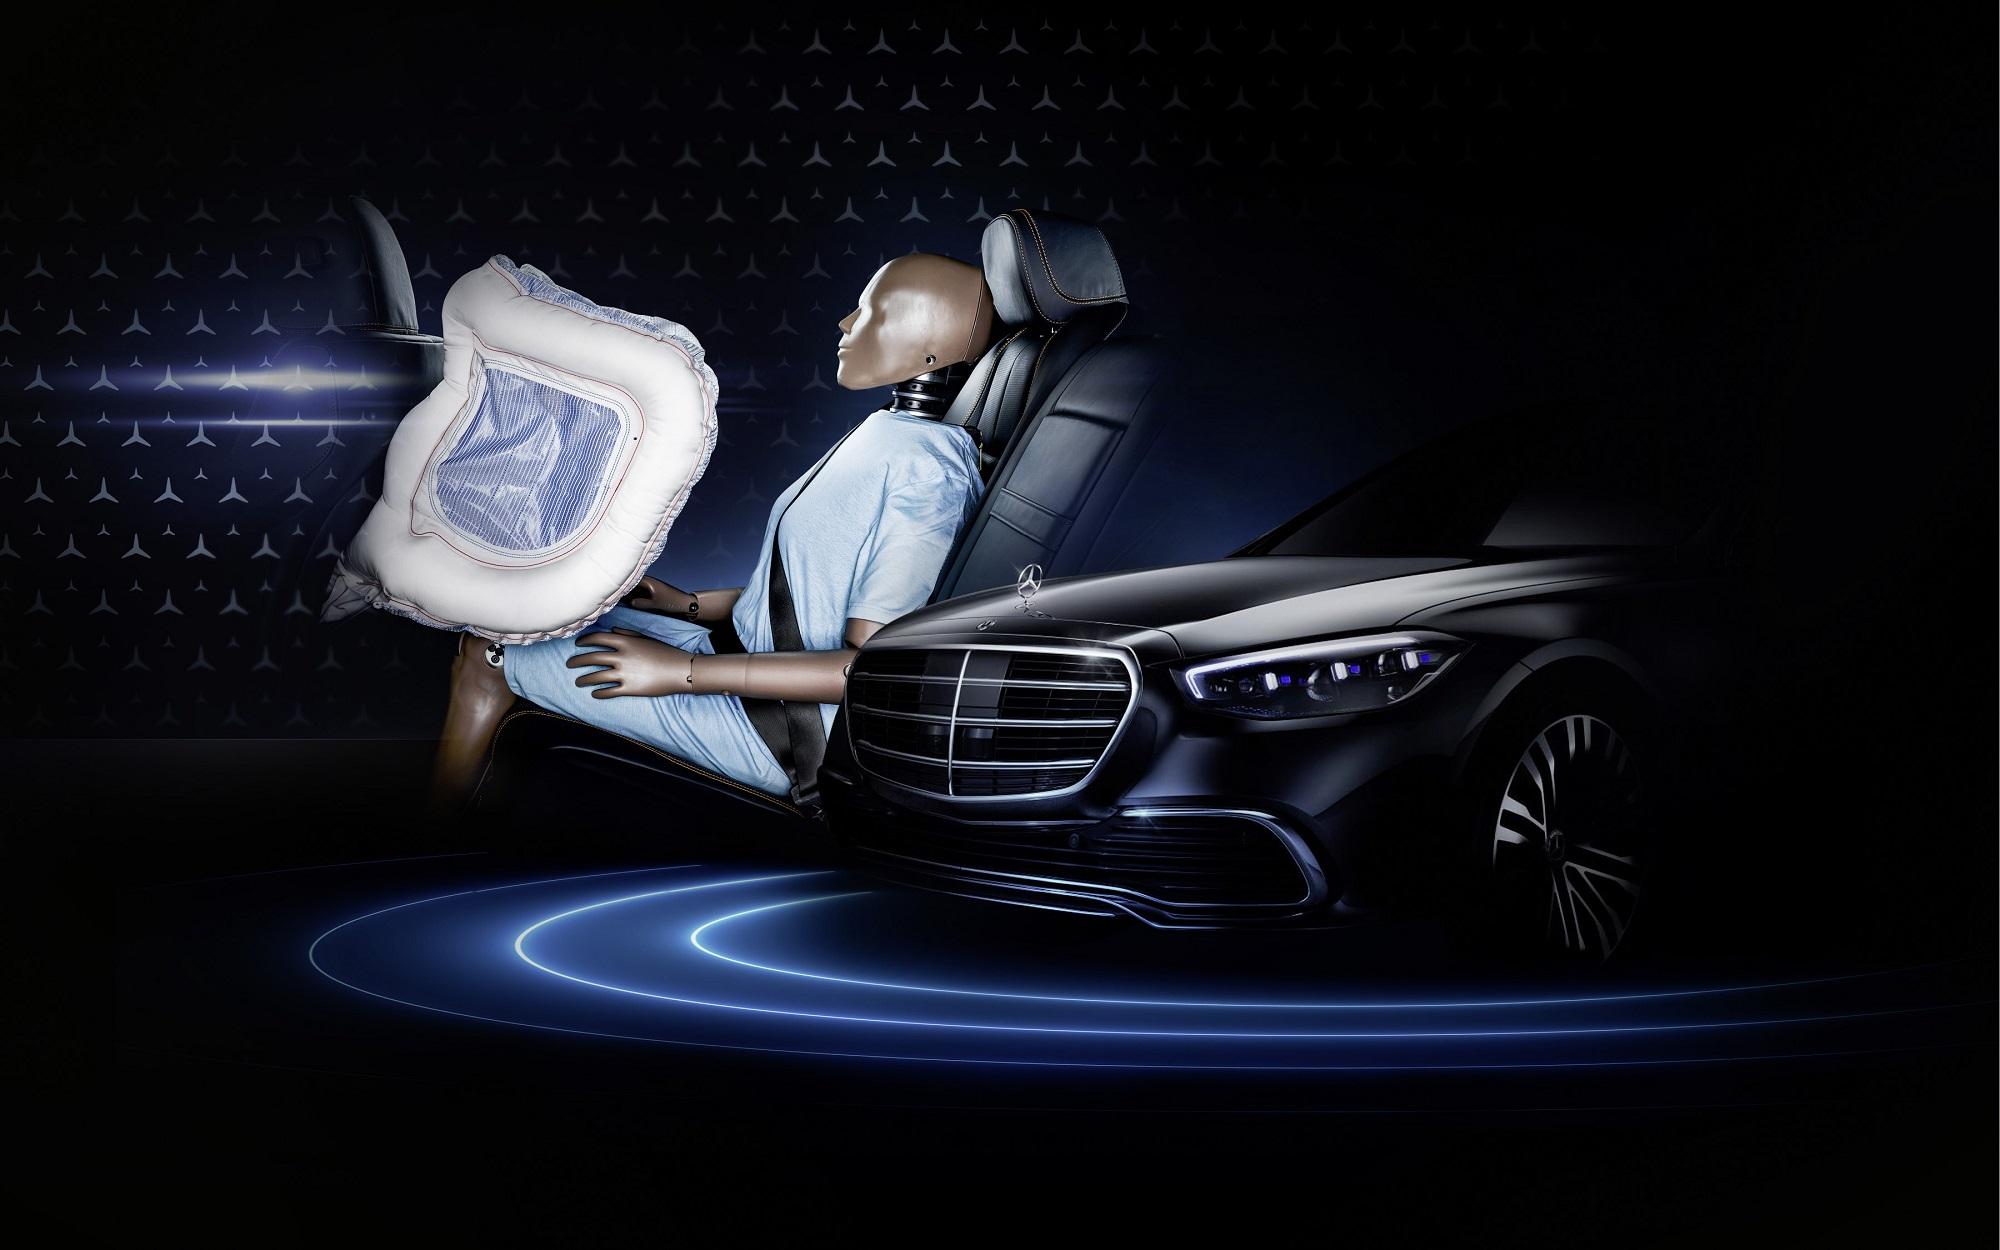 Mercedes Triedy S bude prvým autom s prednými airbagmi pre posádku vzadu